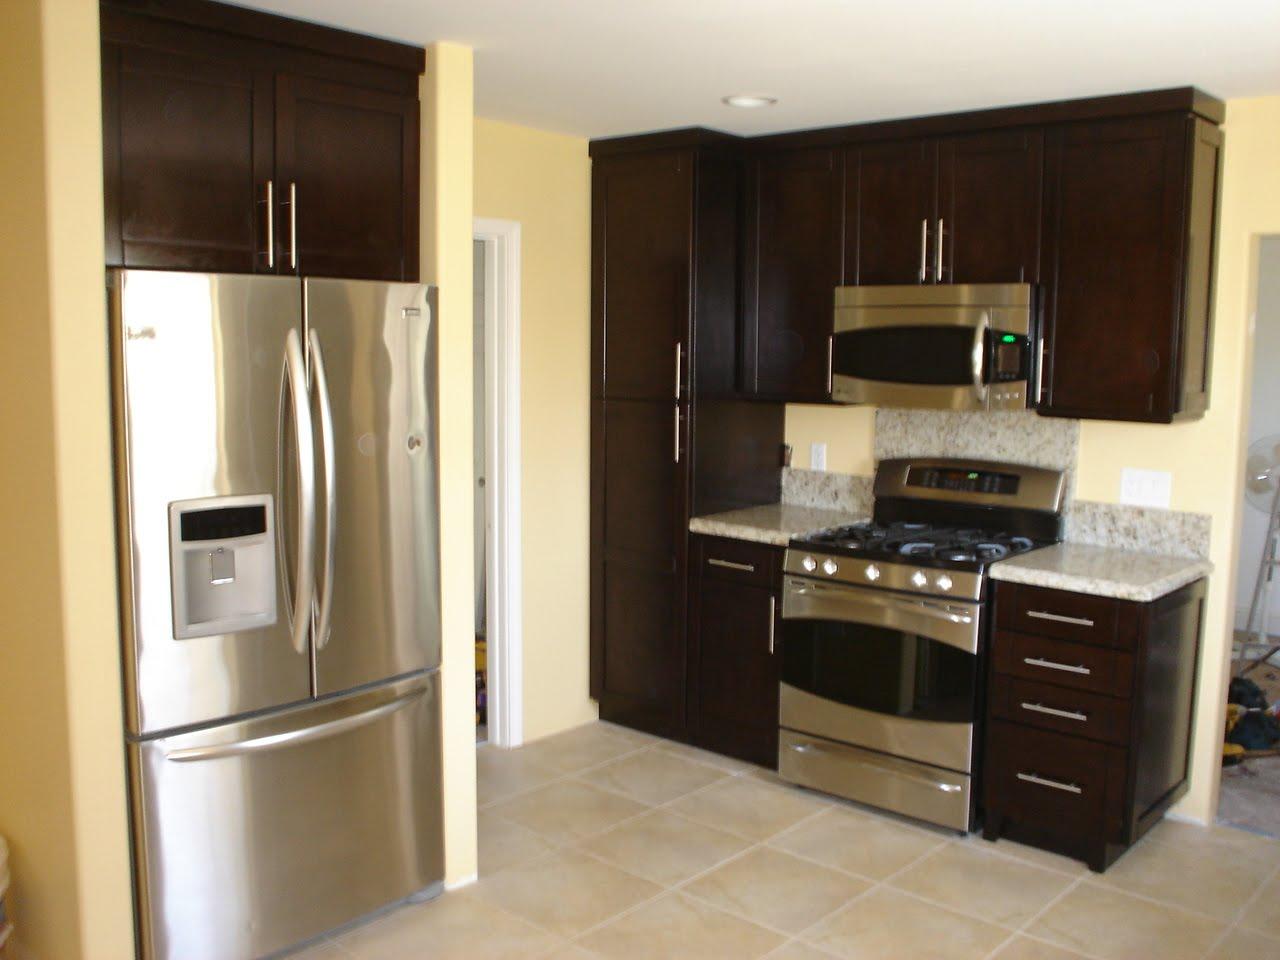 Gabinetes de cocina for Alacenas para cocina